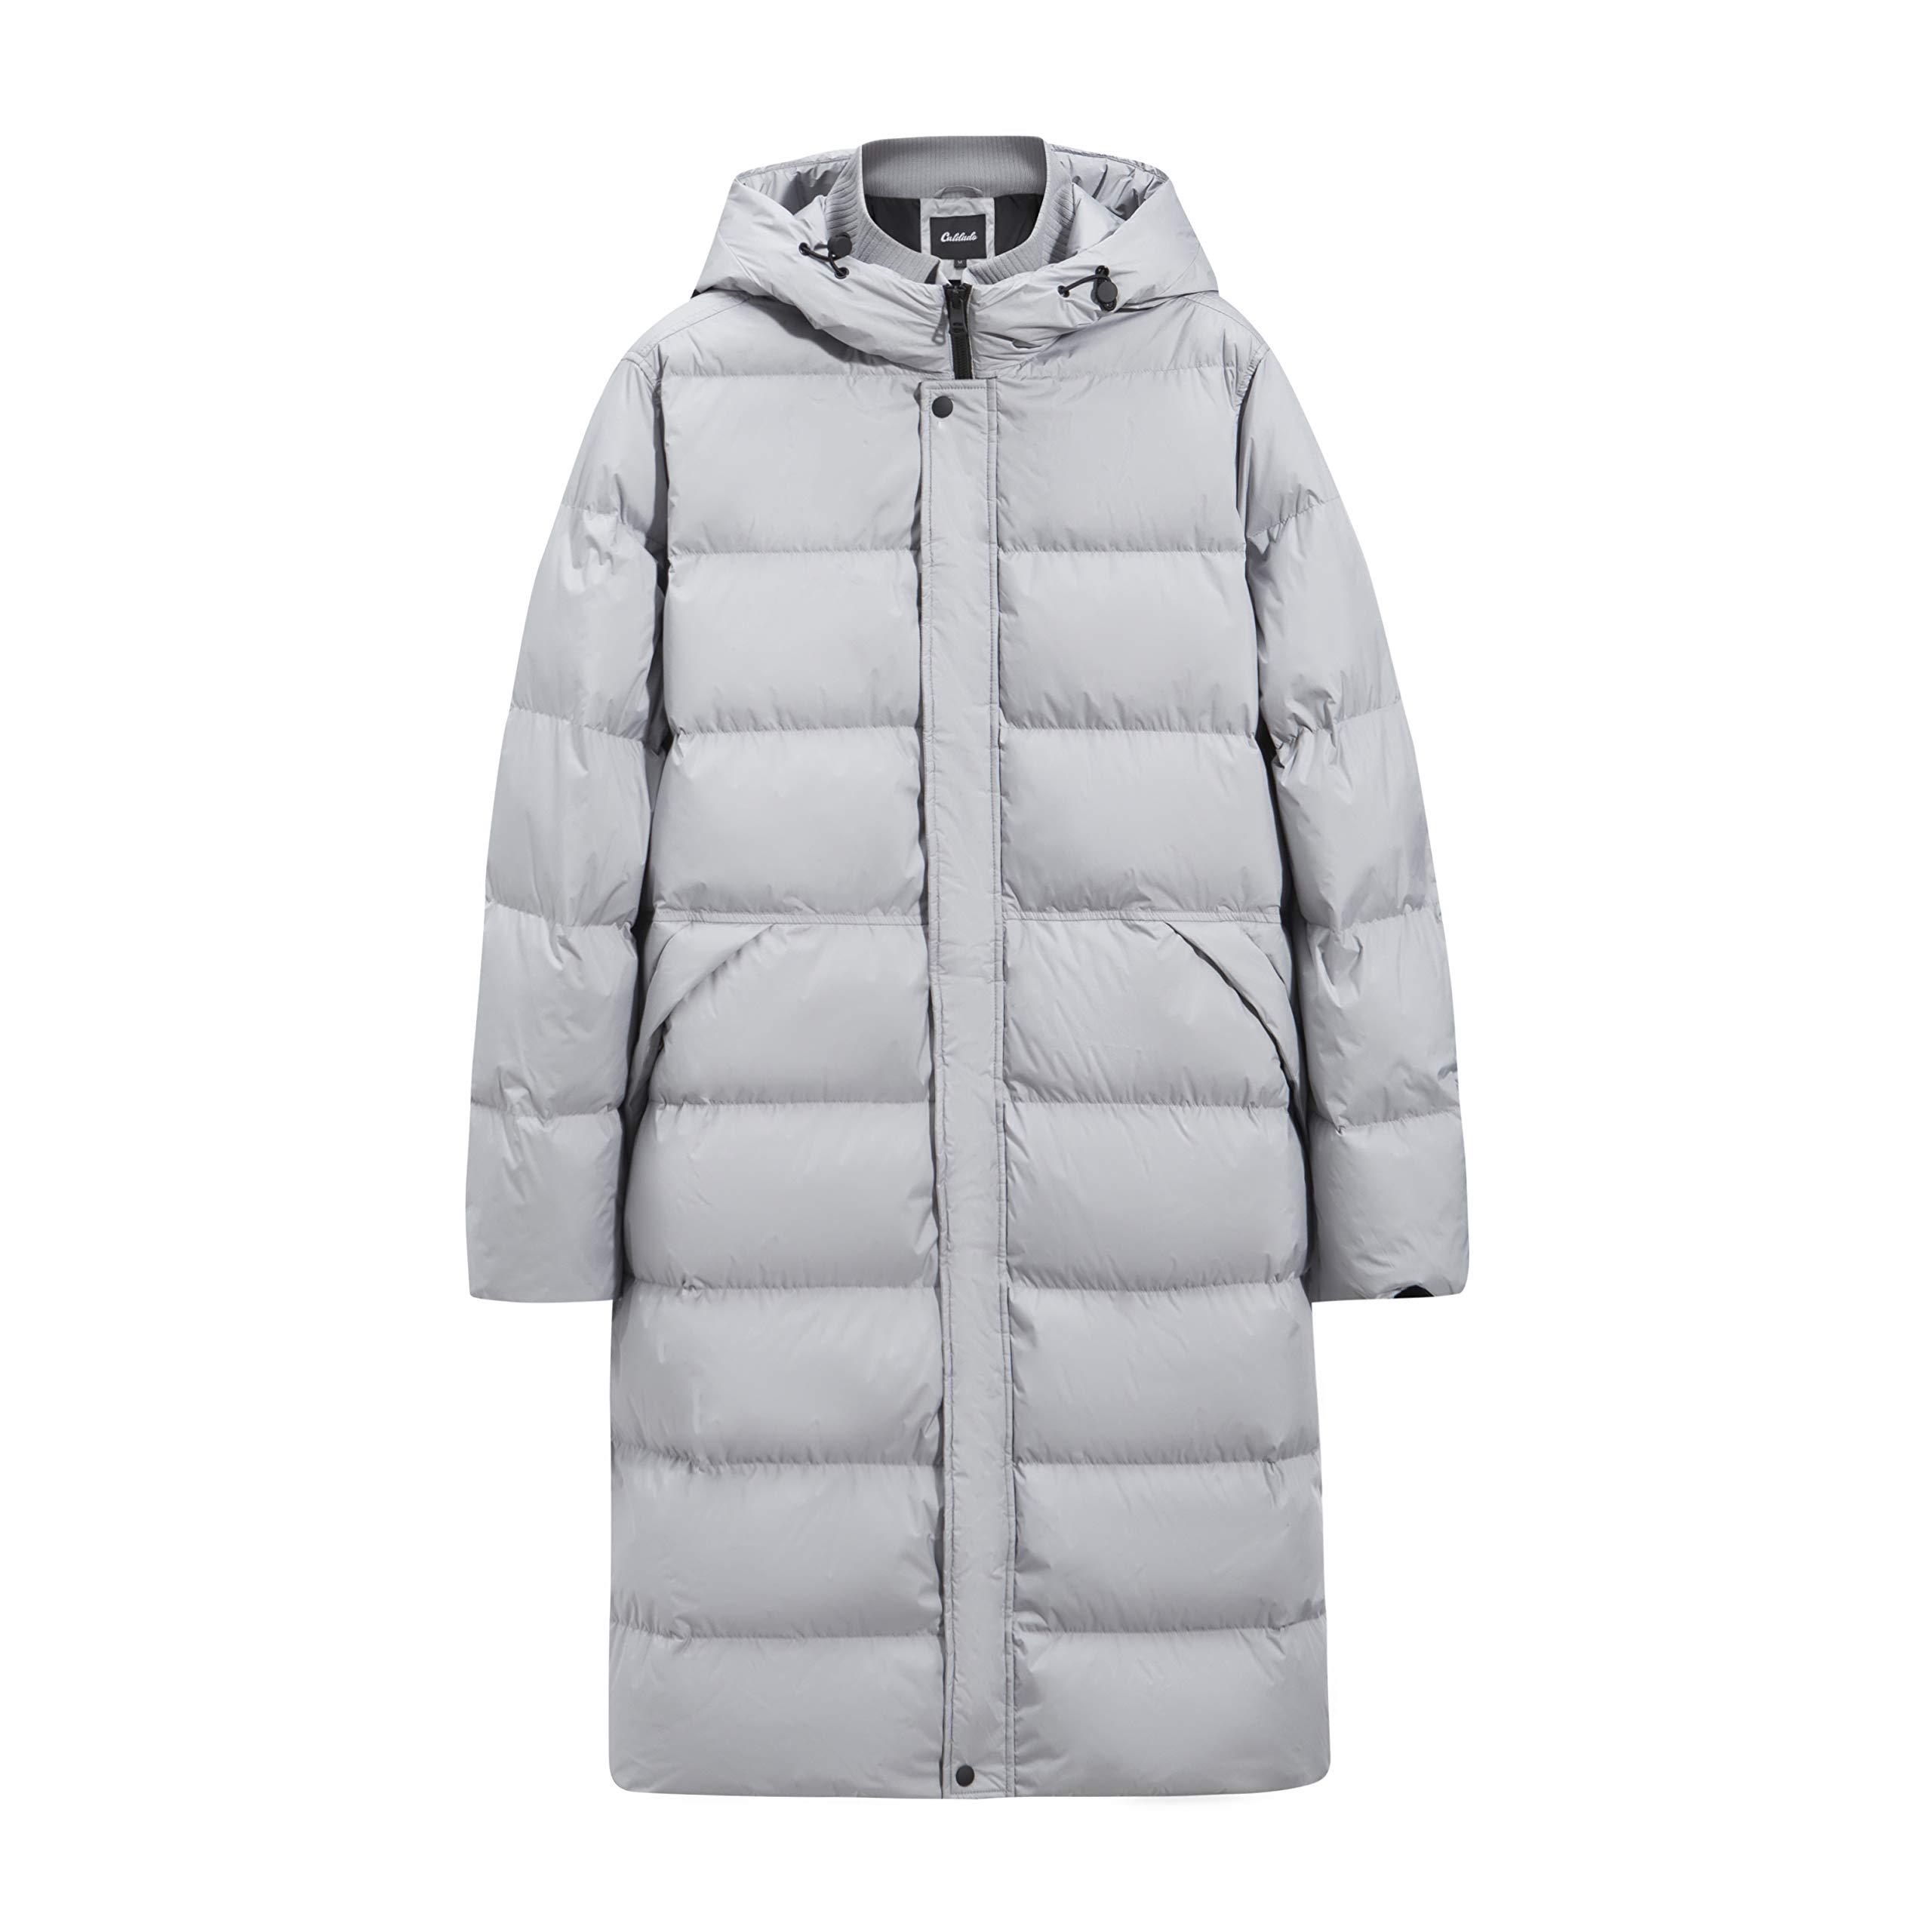 Caldado Men's Hooded Down Jacket Winter Activities Winterproof Long Coat